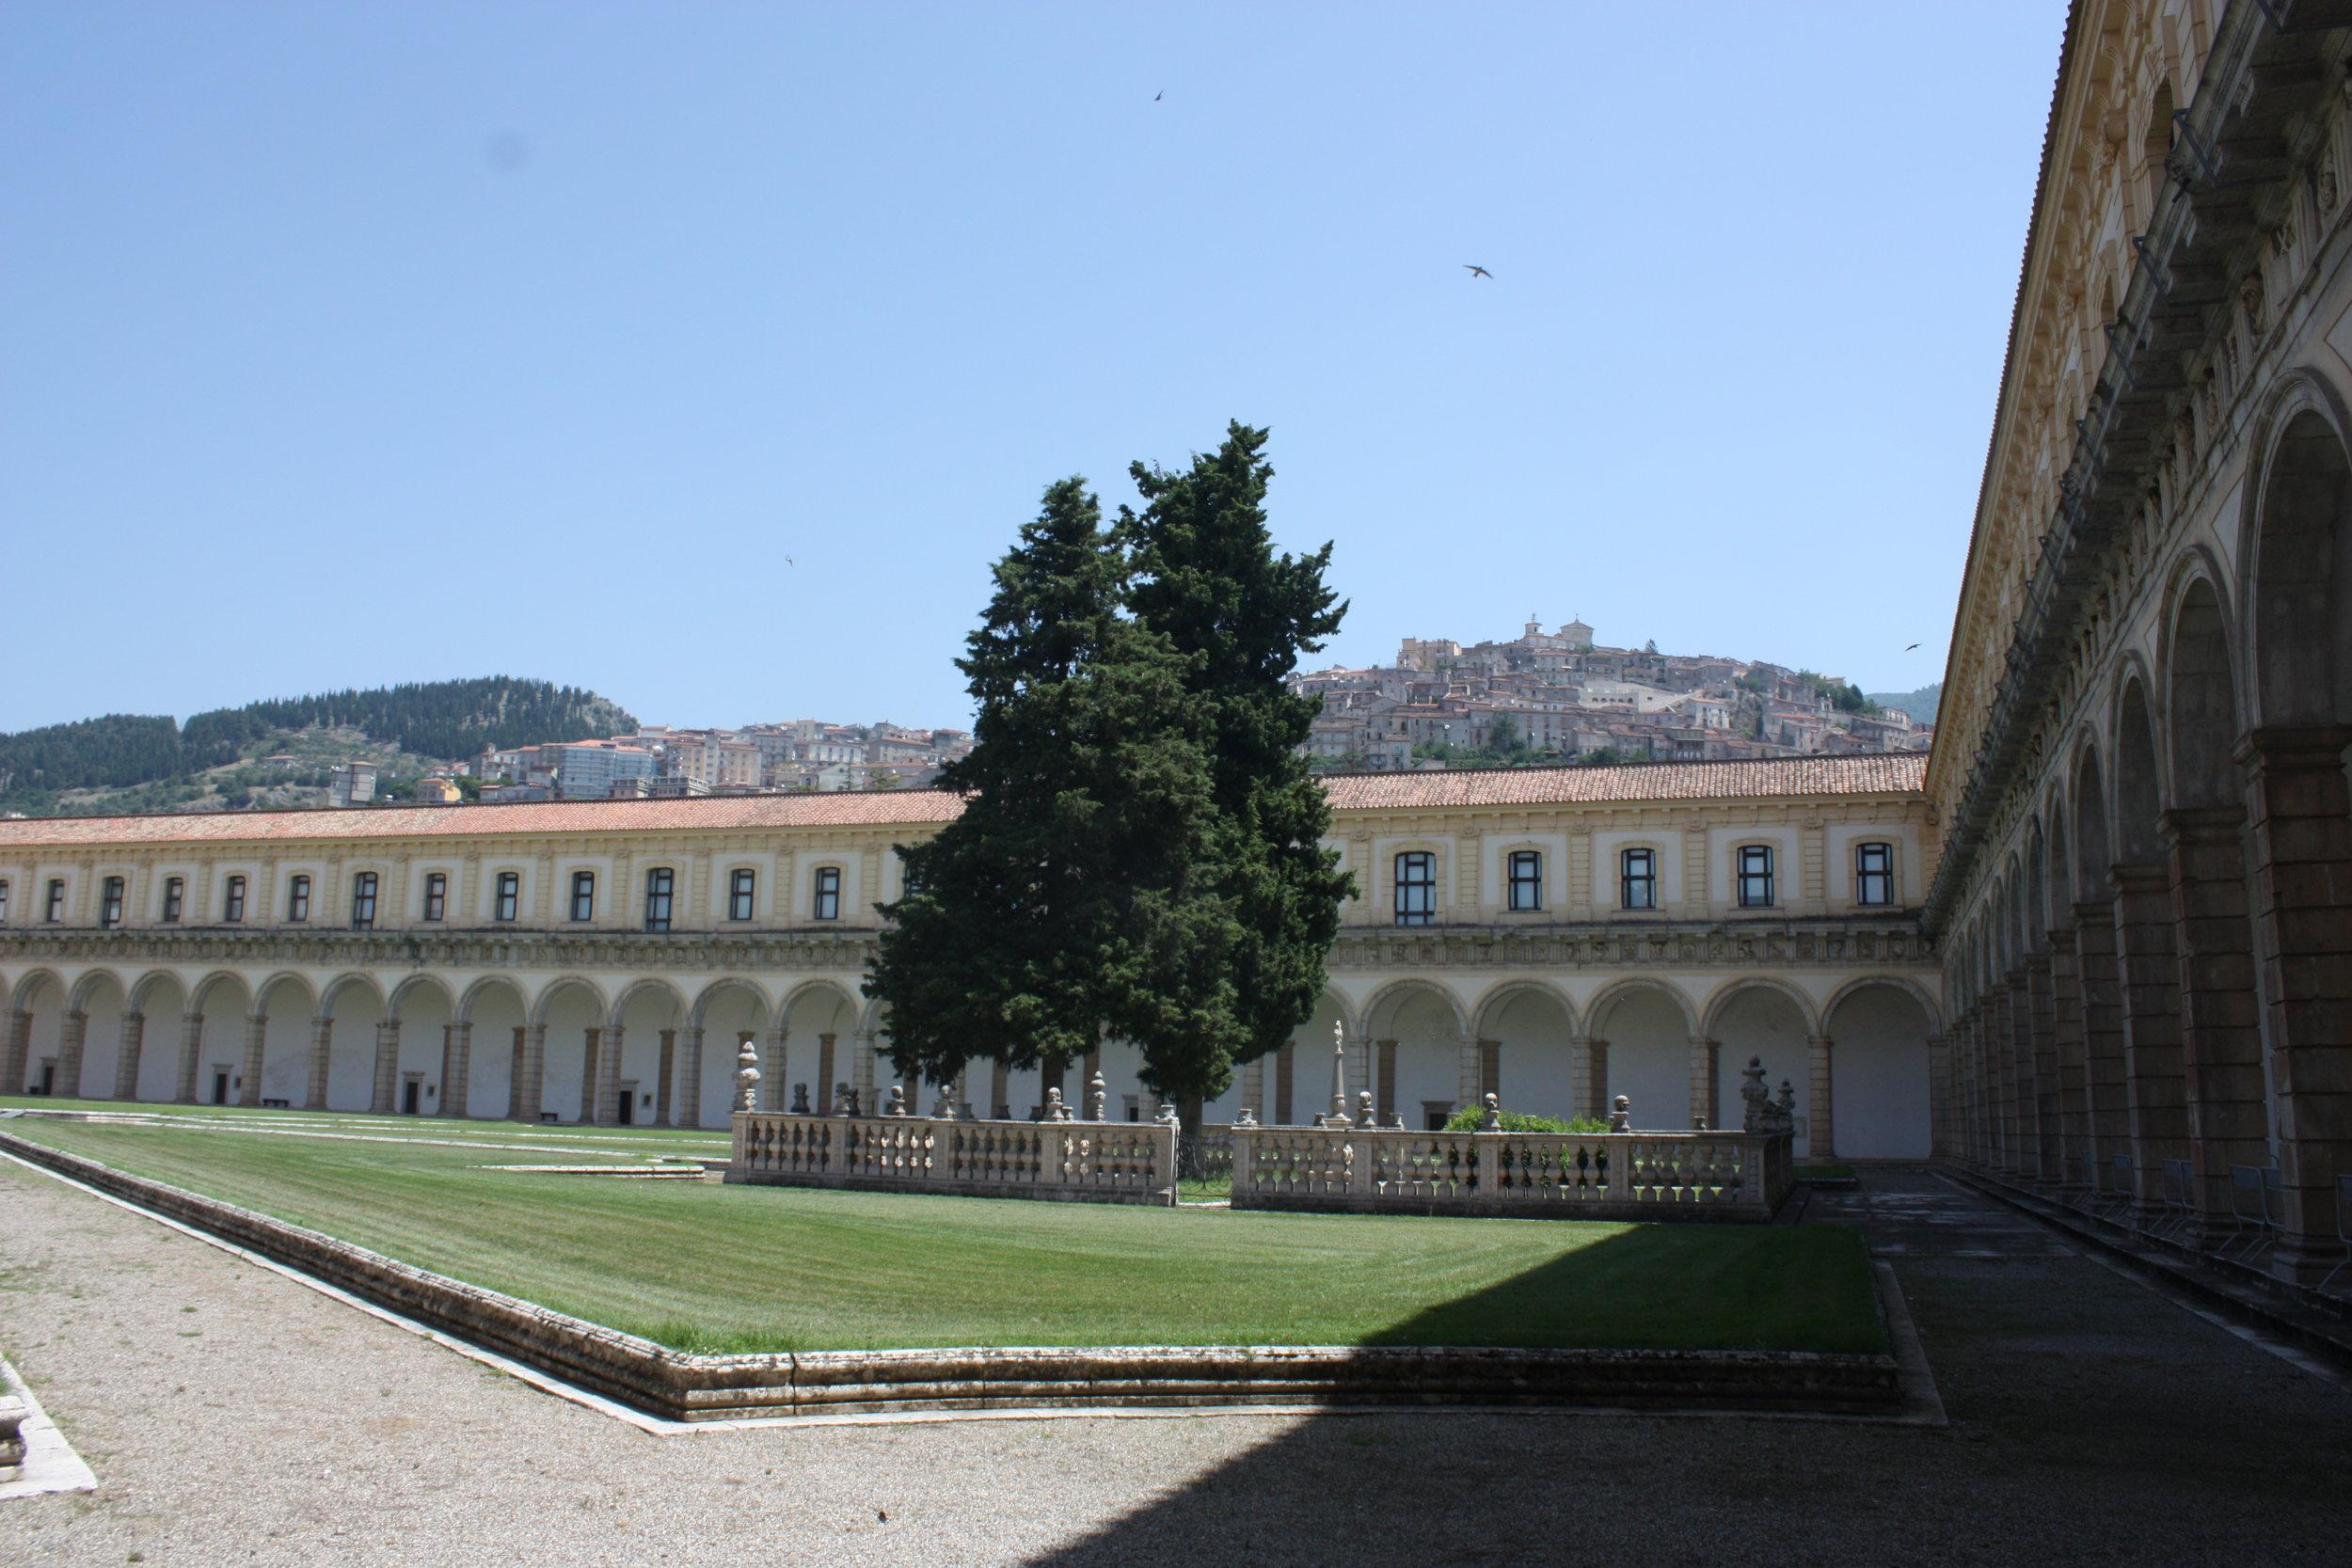 De prachtige kloostergang.